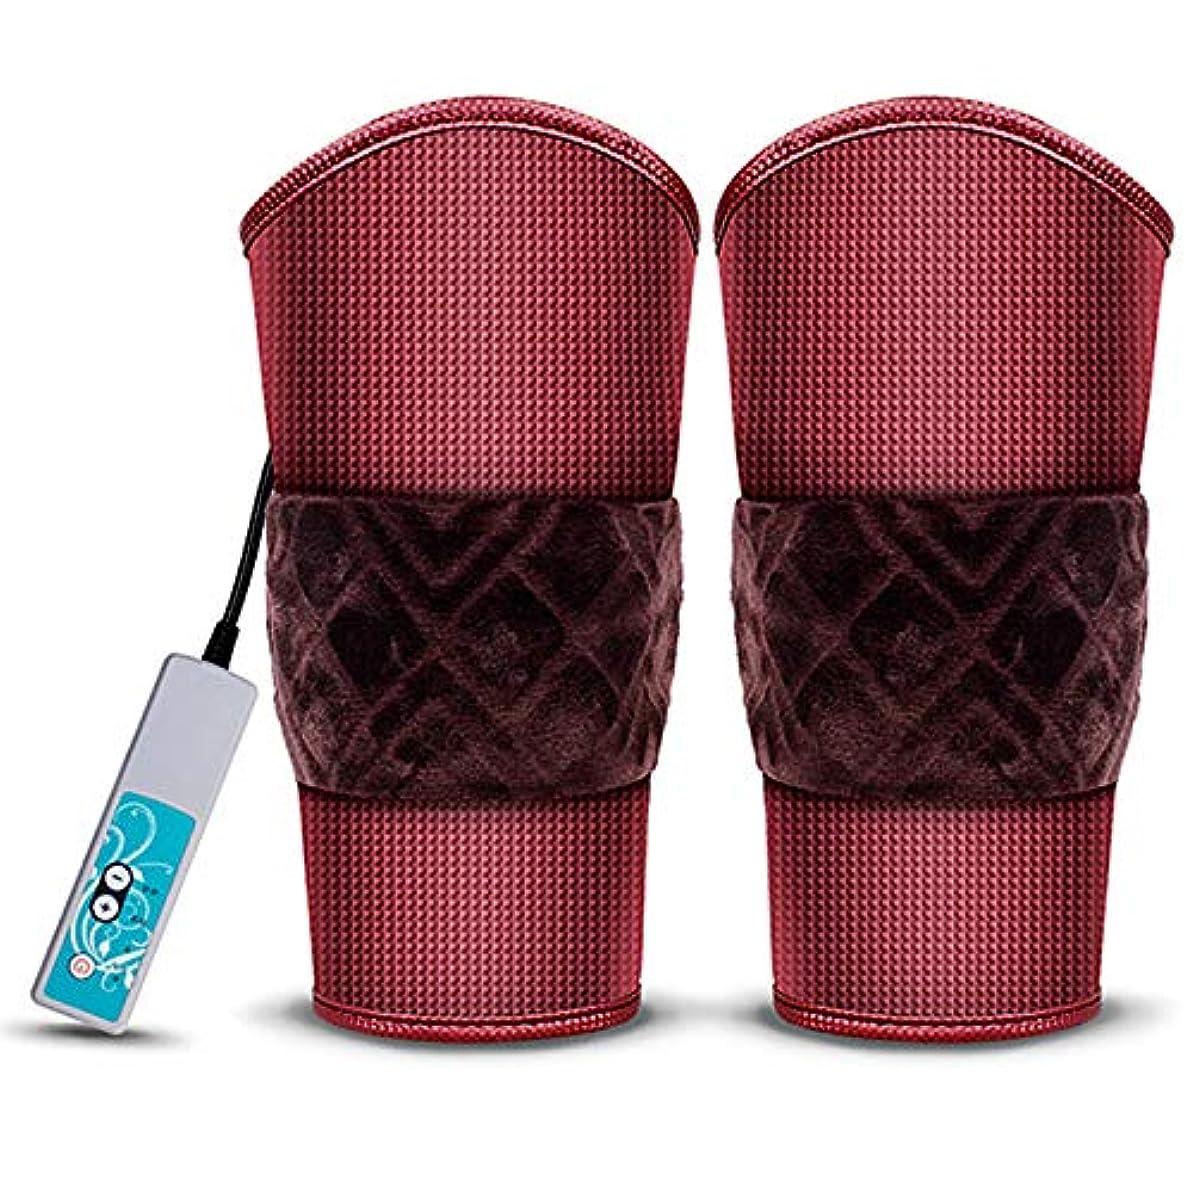 アデレードフィヨルド緩める男性と女性のための1ペアの電気加熱マッサージ-膝の怪我、関節炎、筋肉の痛みを軽減するための足と腕の加熱膝パッド